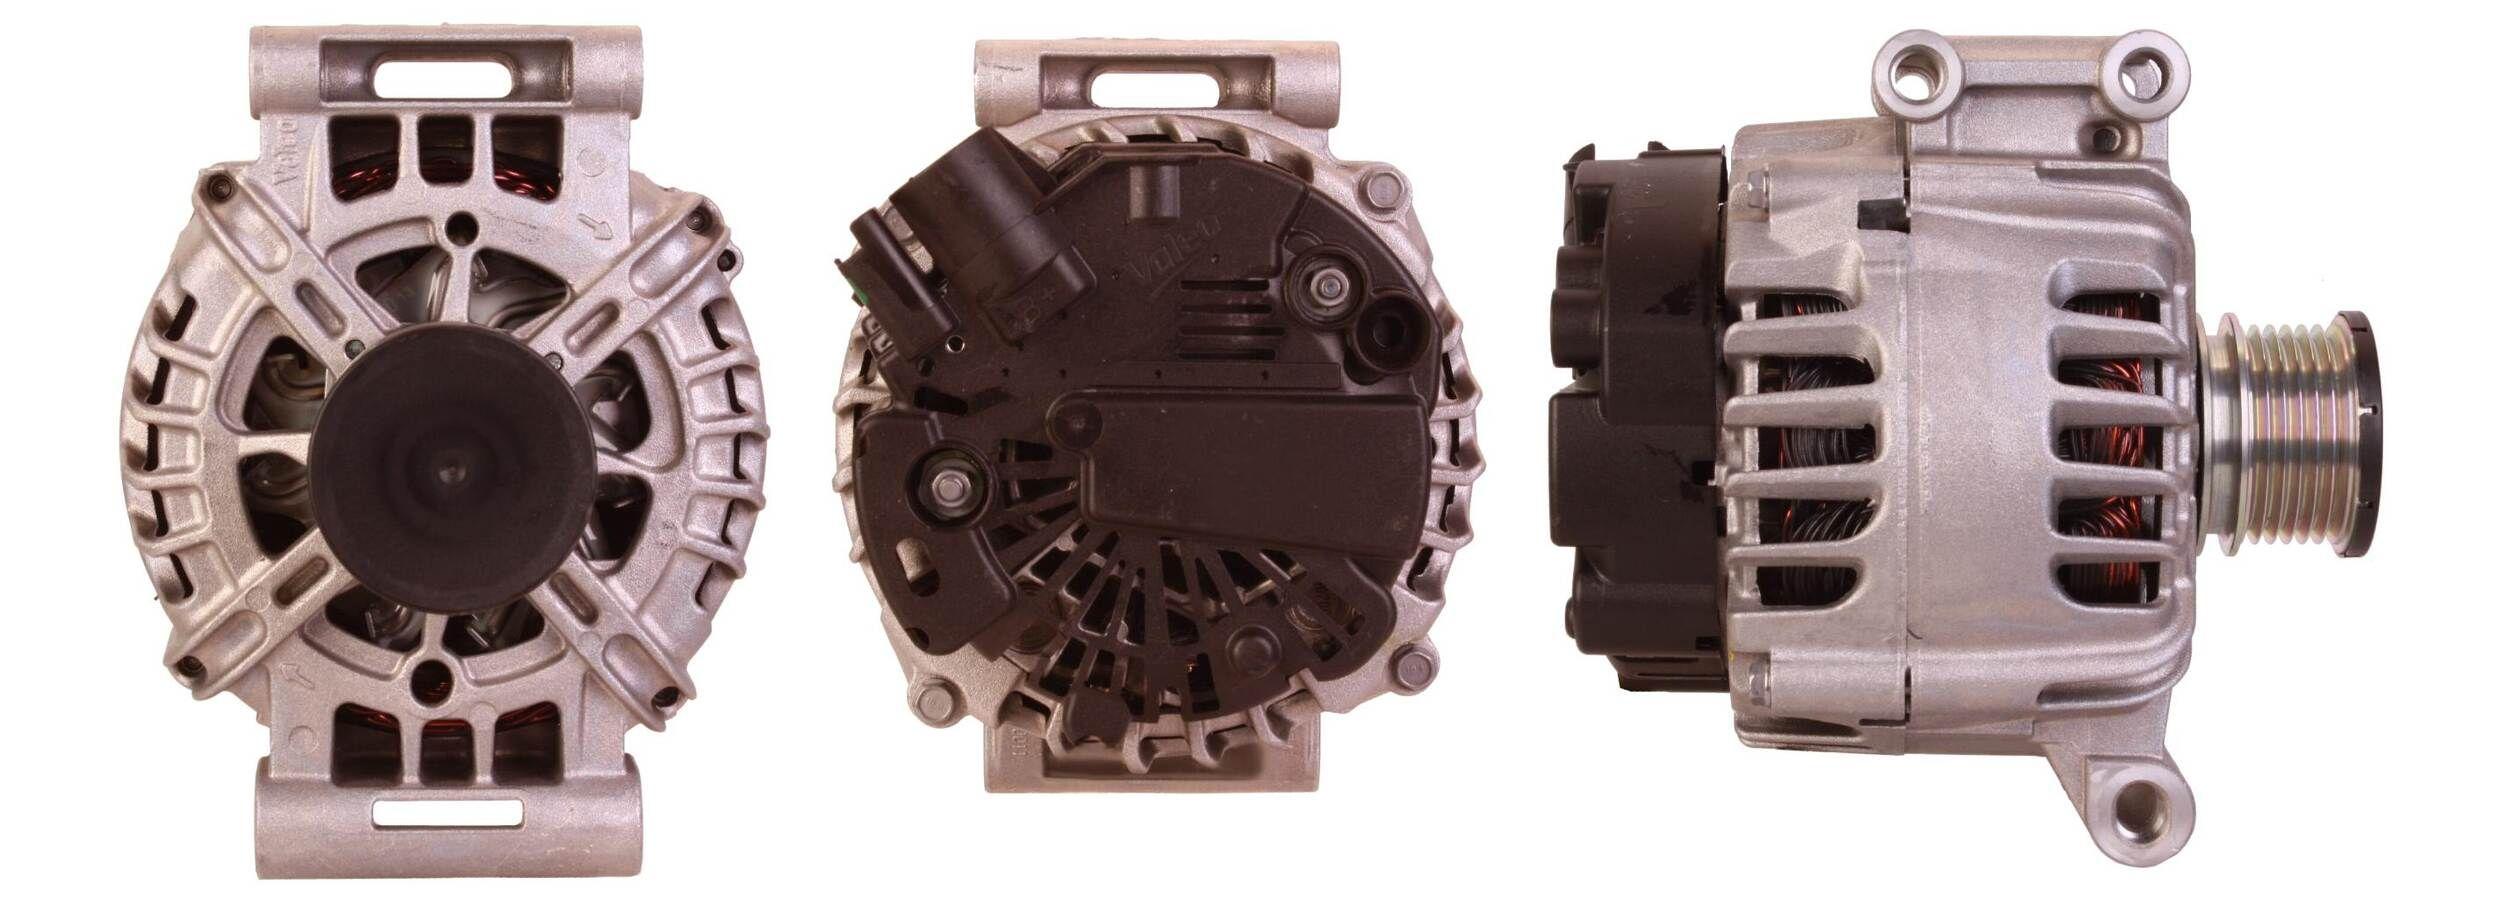 Lichtmaschine 28-5580 ELSTOCK 28-5580 in Original Qualität